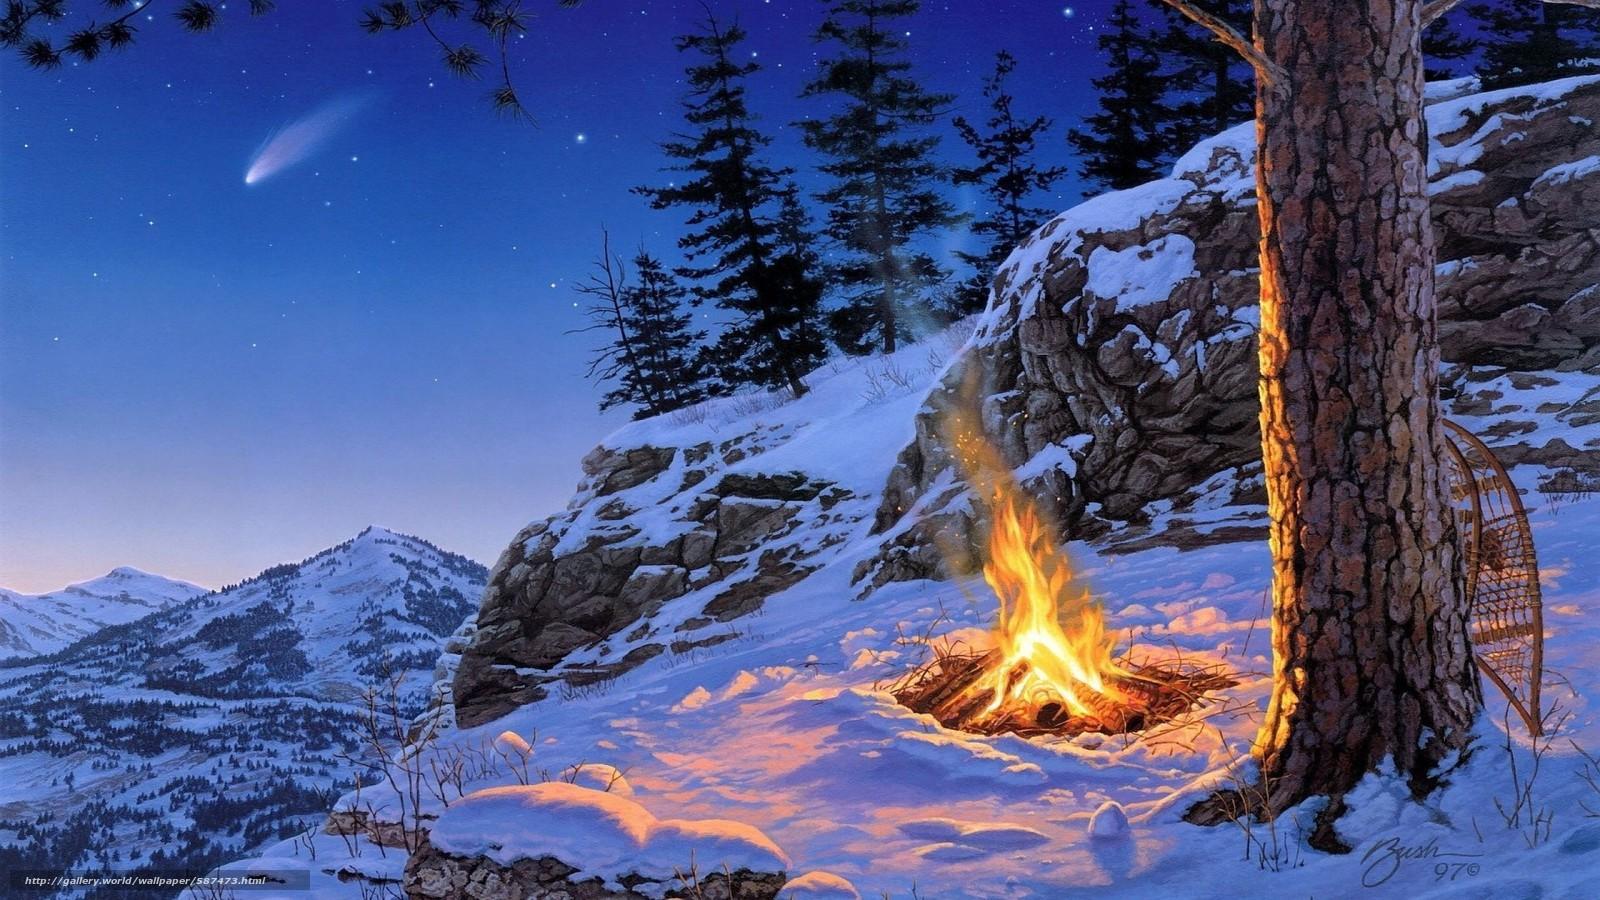 Скачать обои горы,  костер,  вечер,  снег бесплатно для рабочего стола в разрешении 2560x1440 — картинка №587473